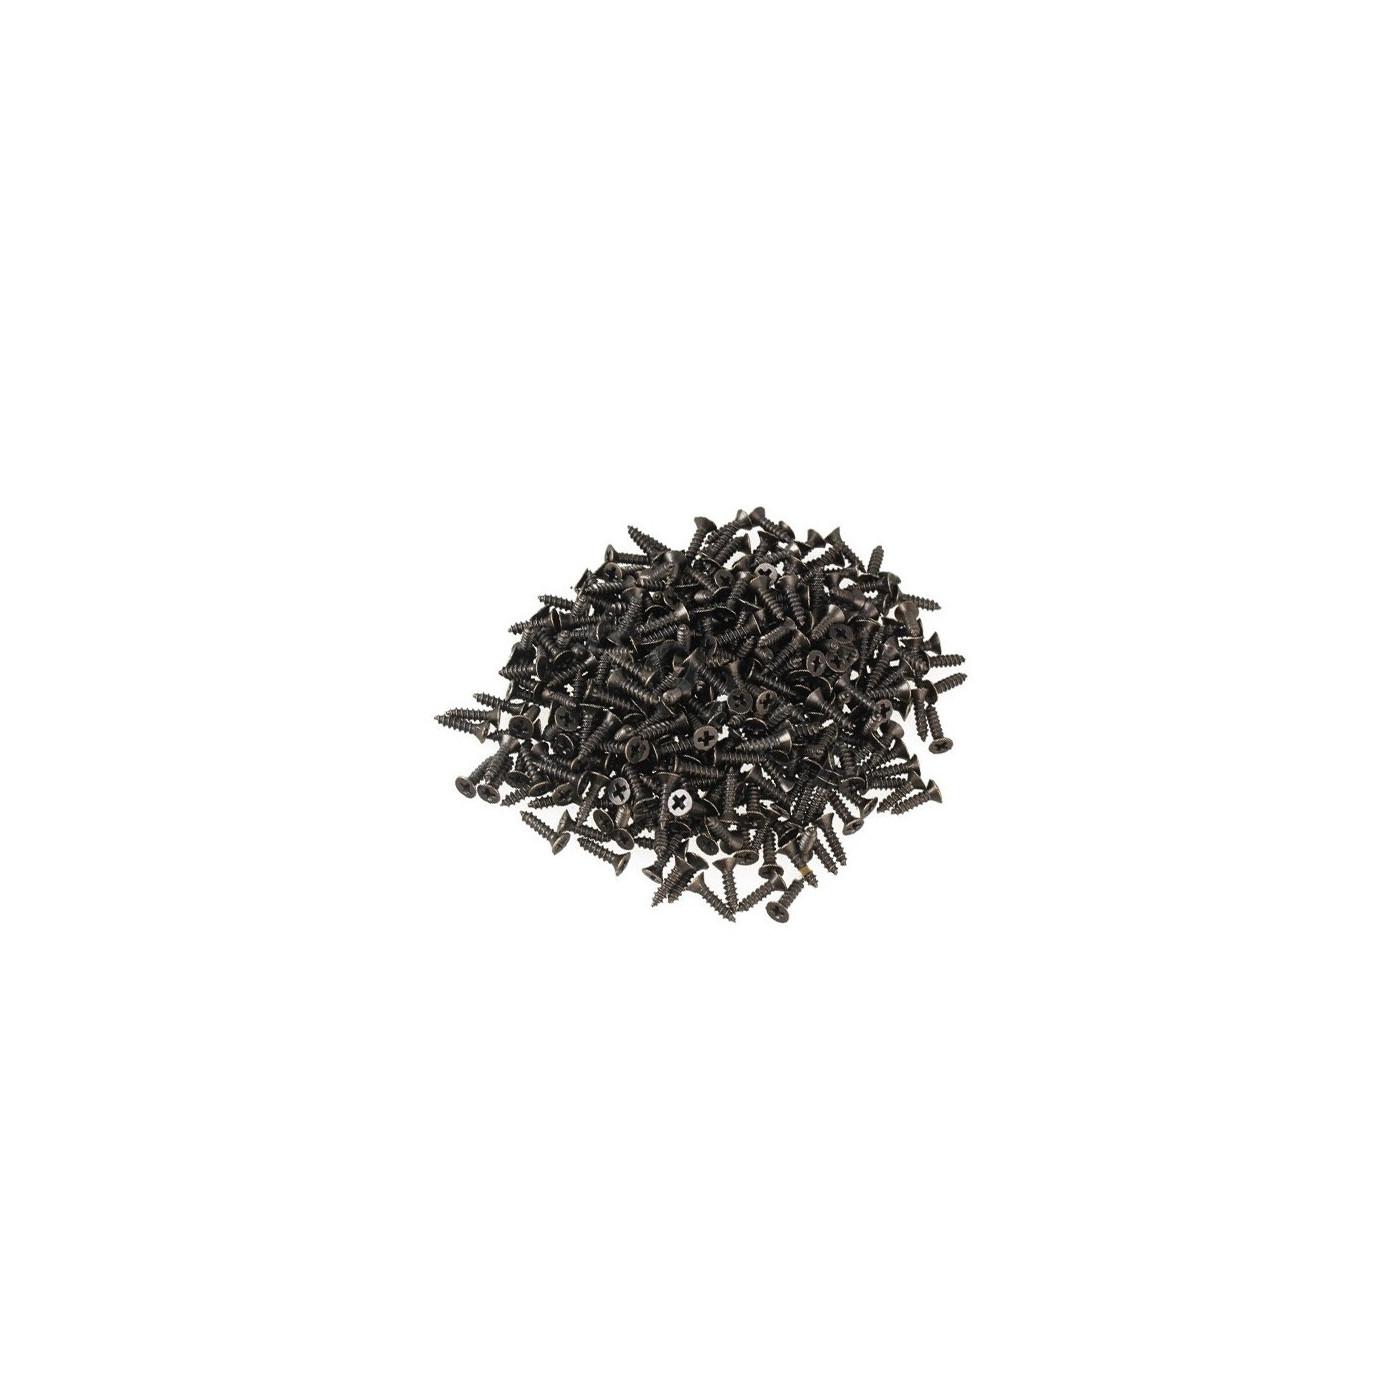 Set van 300 mini schroefjes (2.0x6 mm, verzonken, bronskleur)